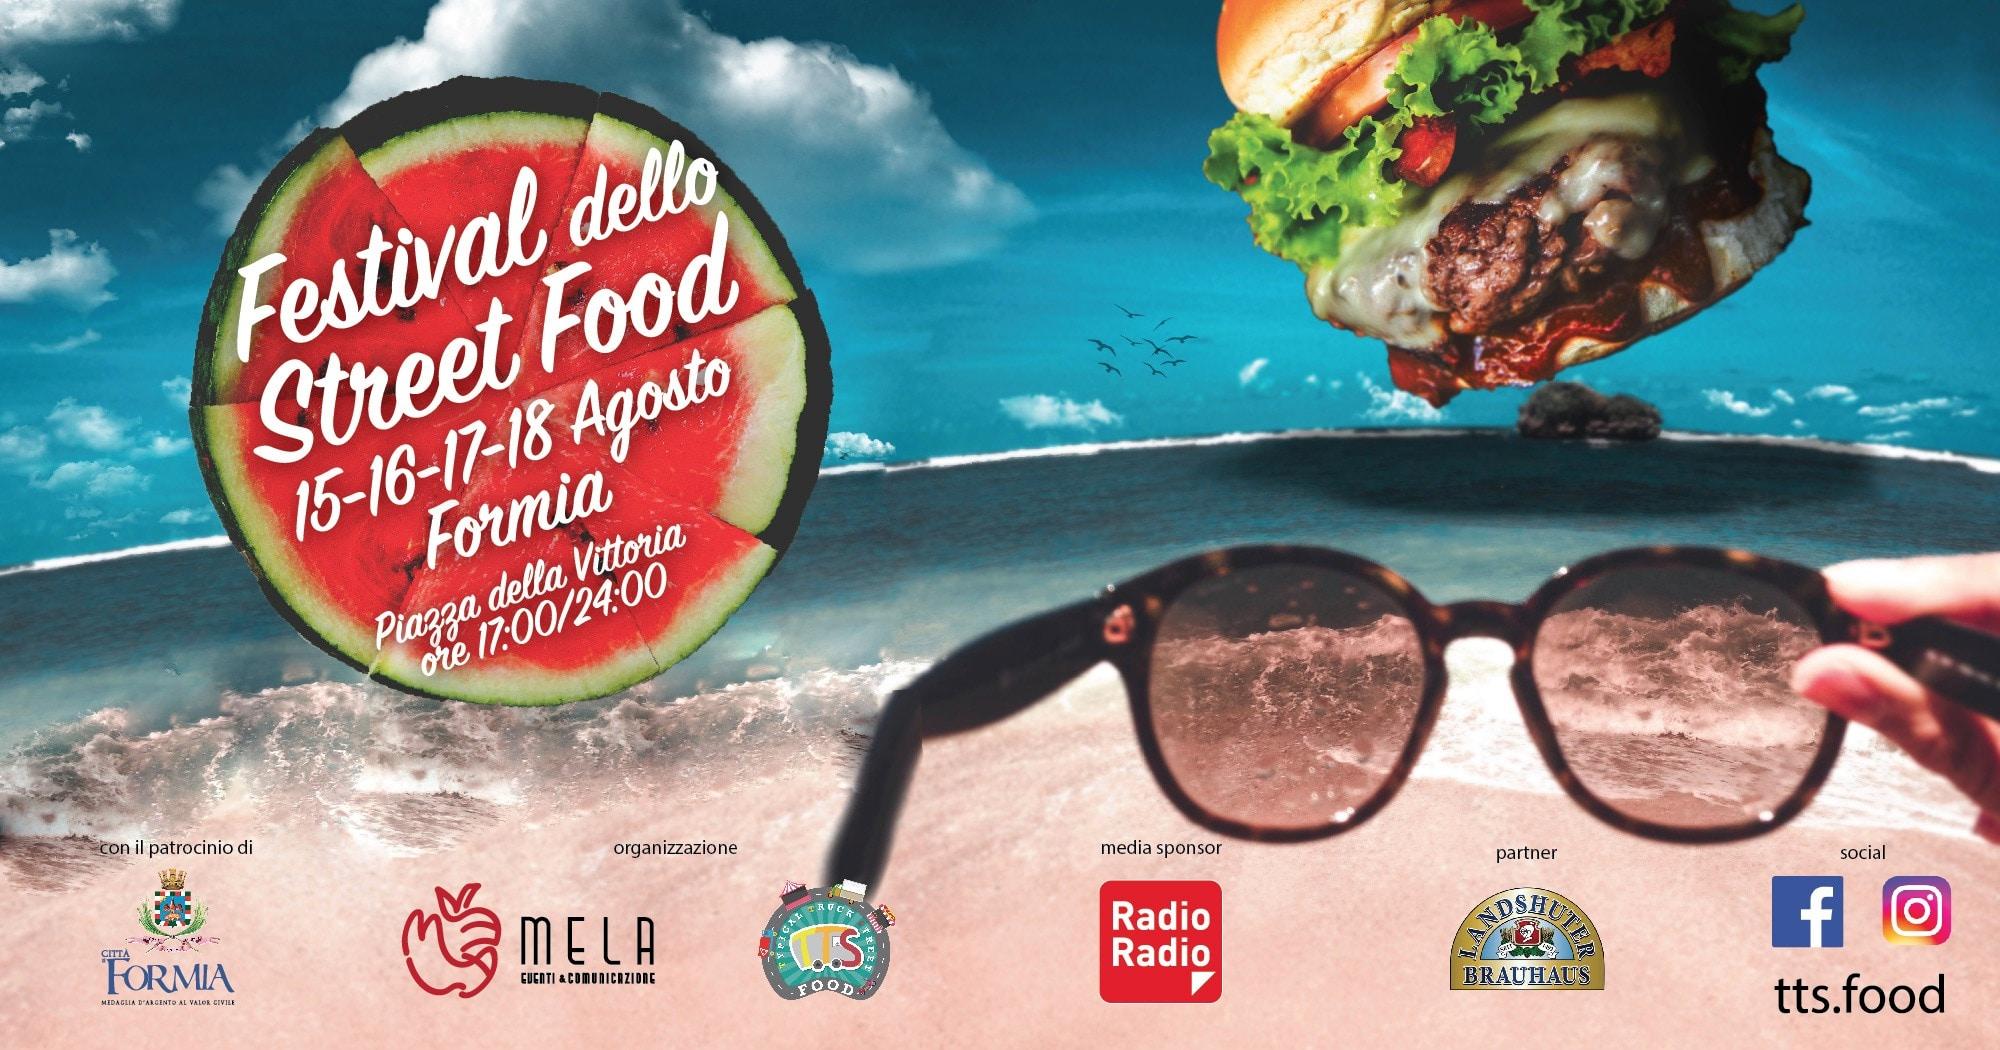 festival_street_food_formia_1-2